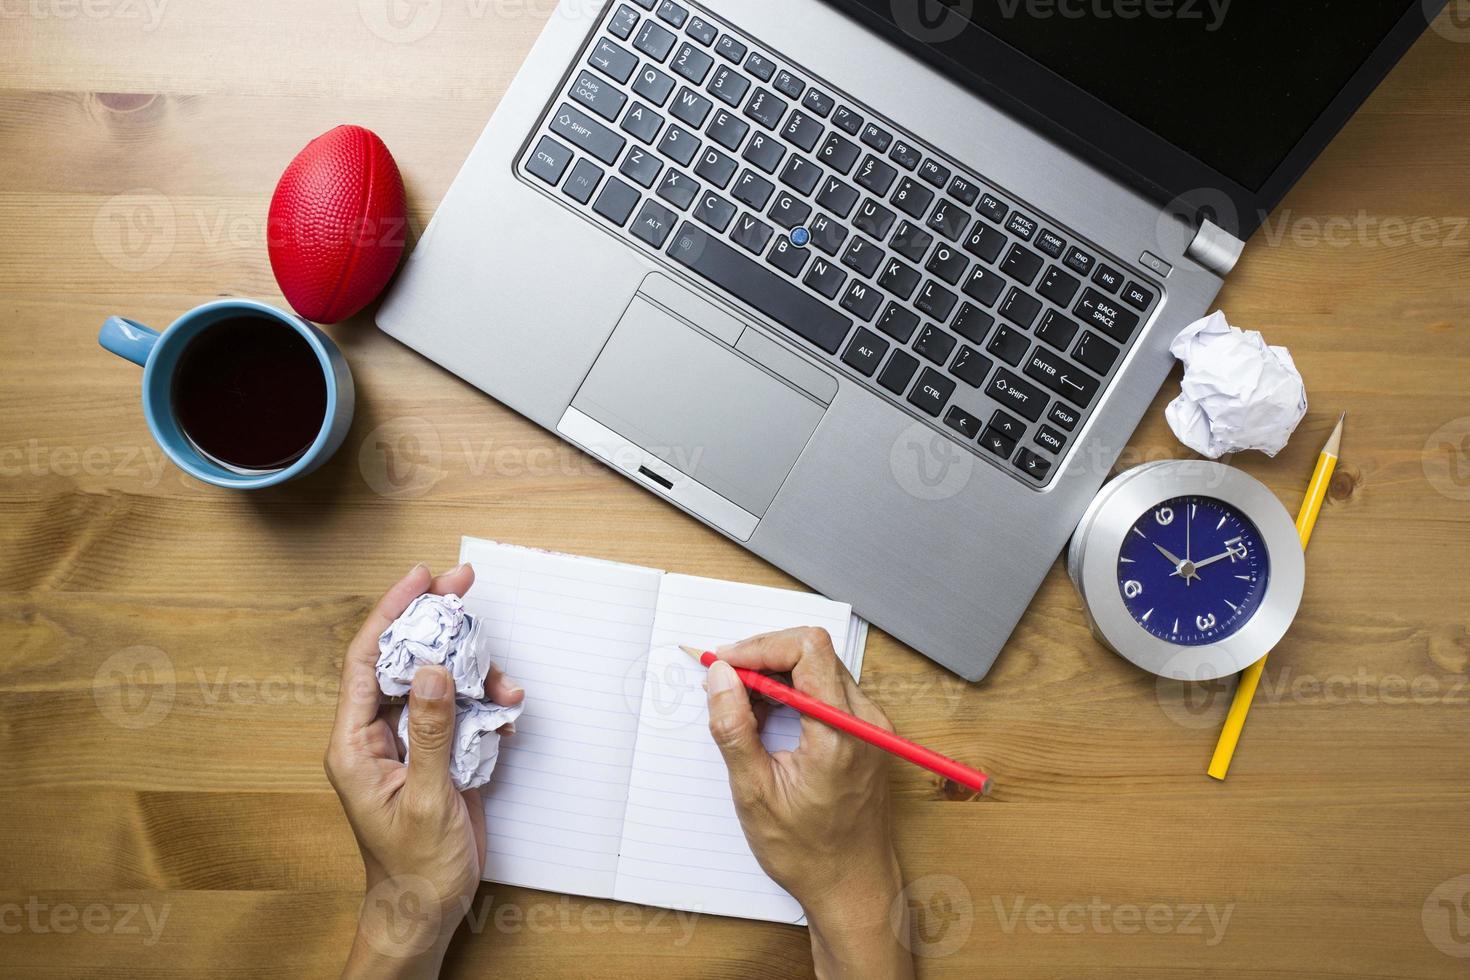 planification d'entreprise sur la table en bois, concept d'entreprise photo